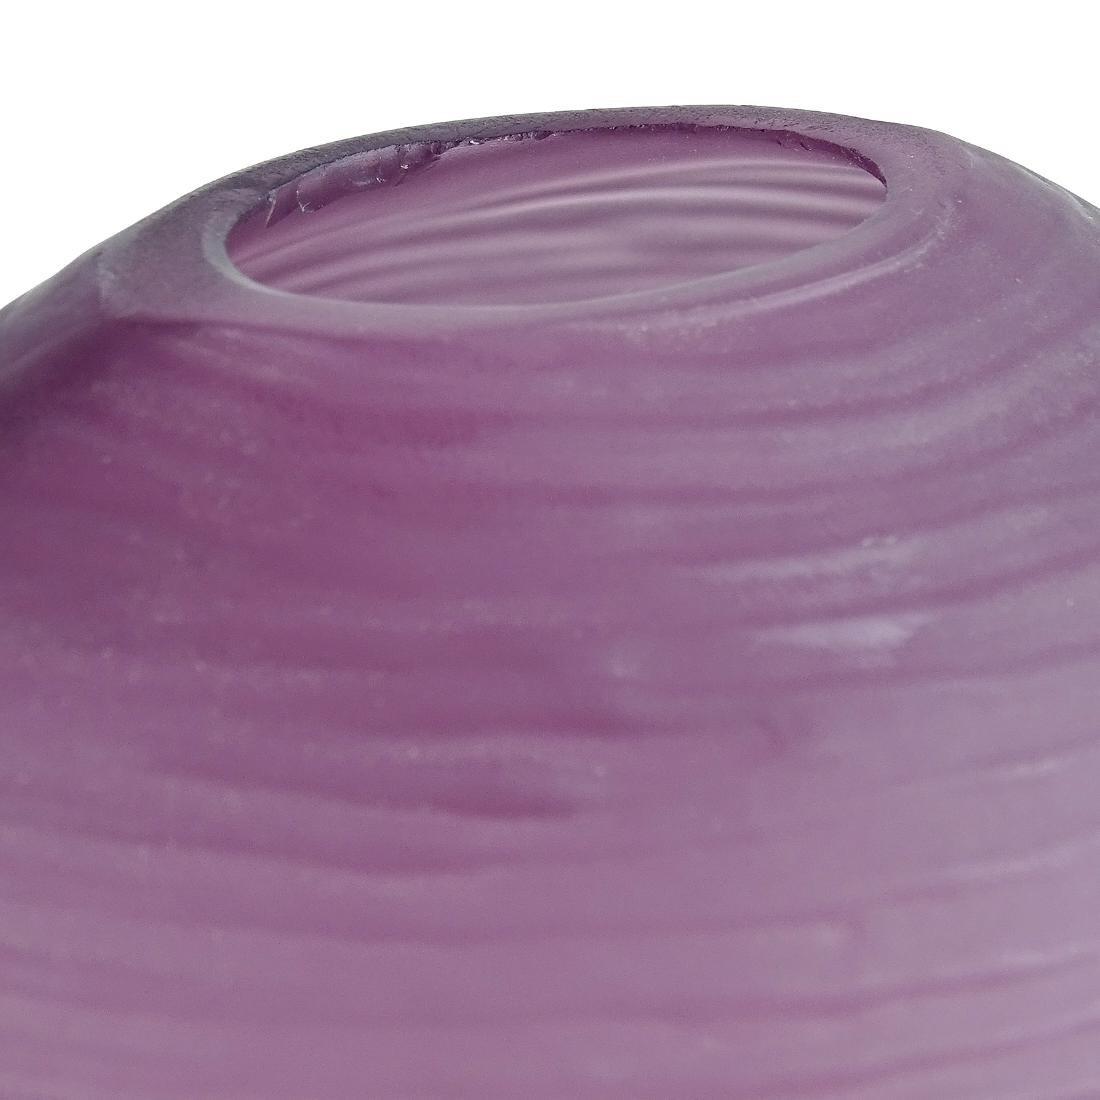 Purple Ripple Surface Satin Art Glass Vases - 3